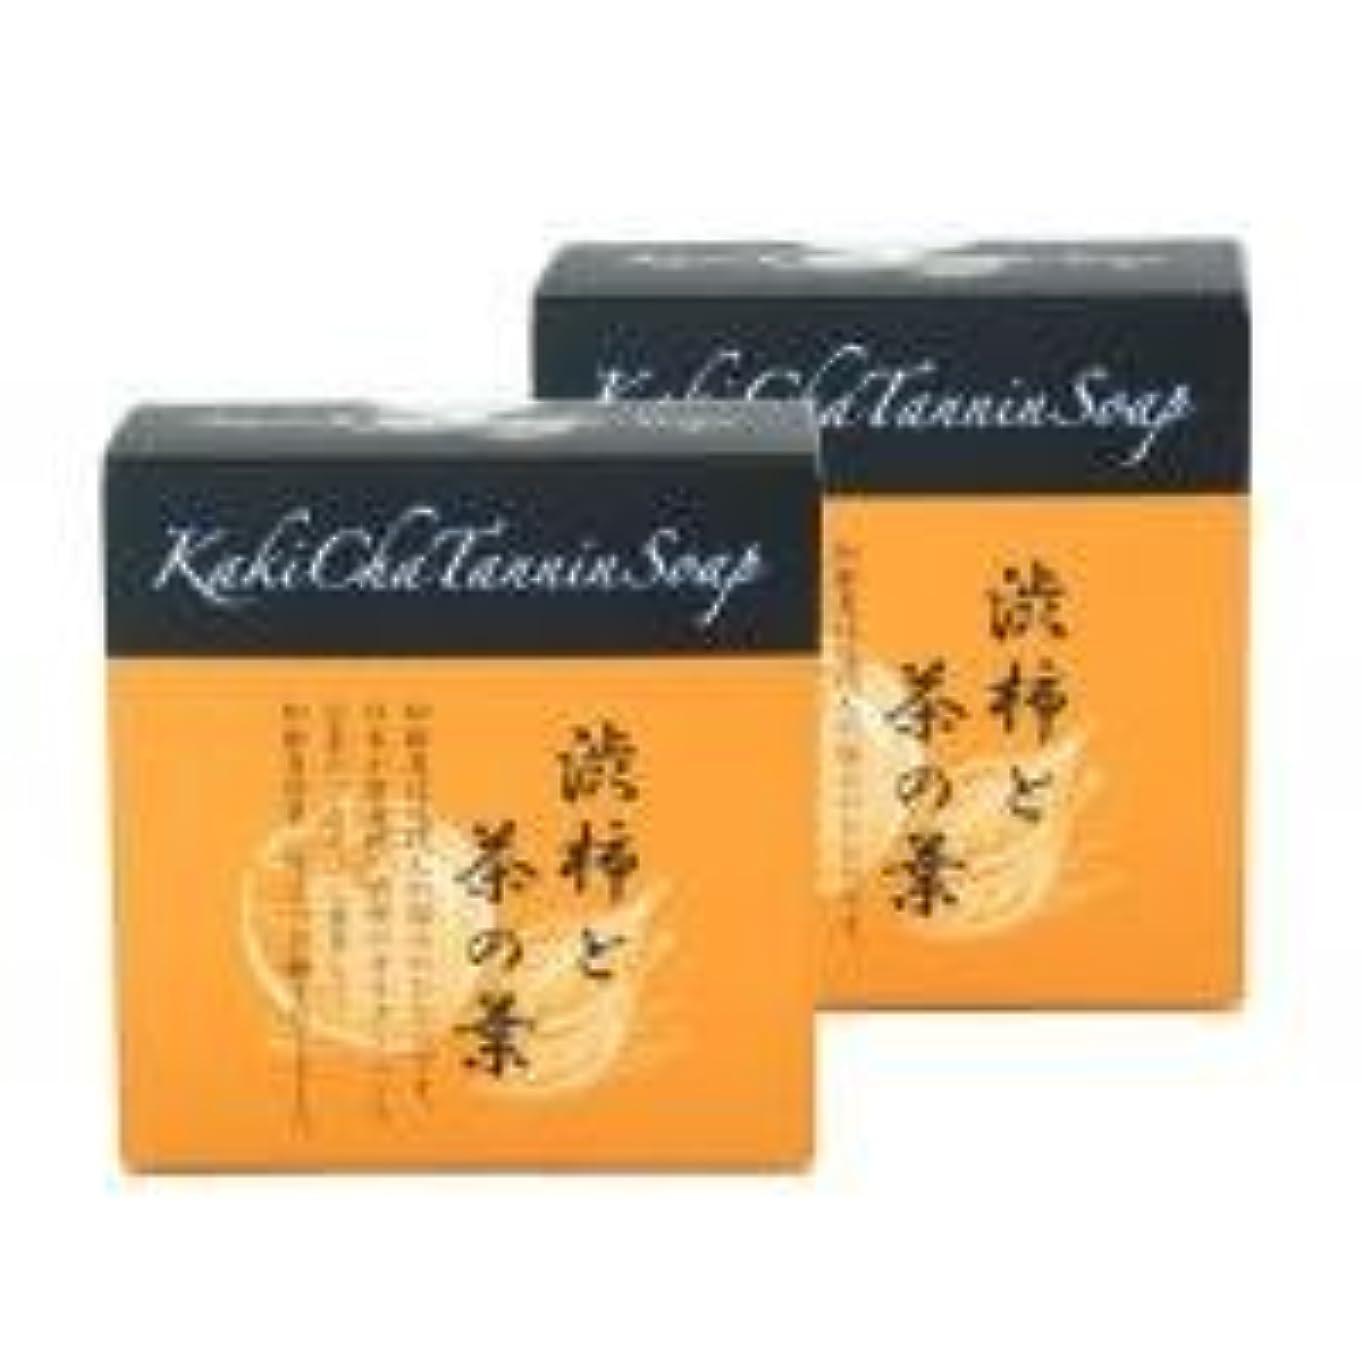 拍手トランスペアレント病柿茶タンニンソープ(100g)×2個 K00024W